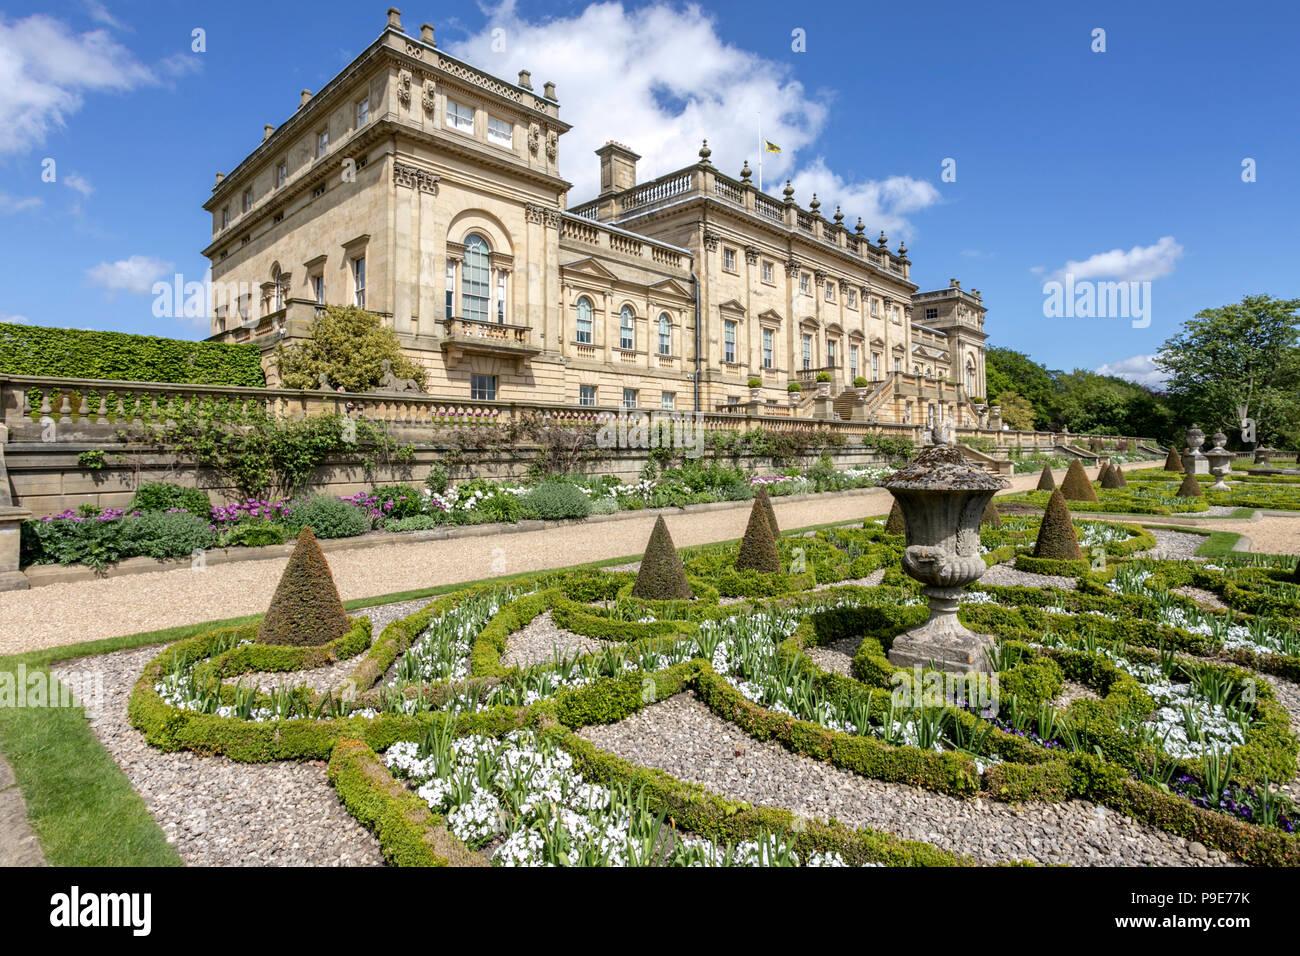 Harewood House near Leeds, West Yorkshire UK - Stock Image